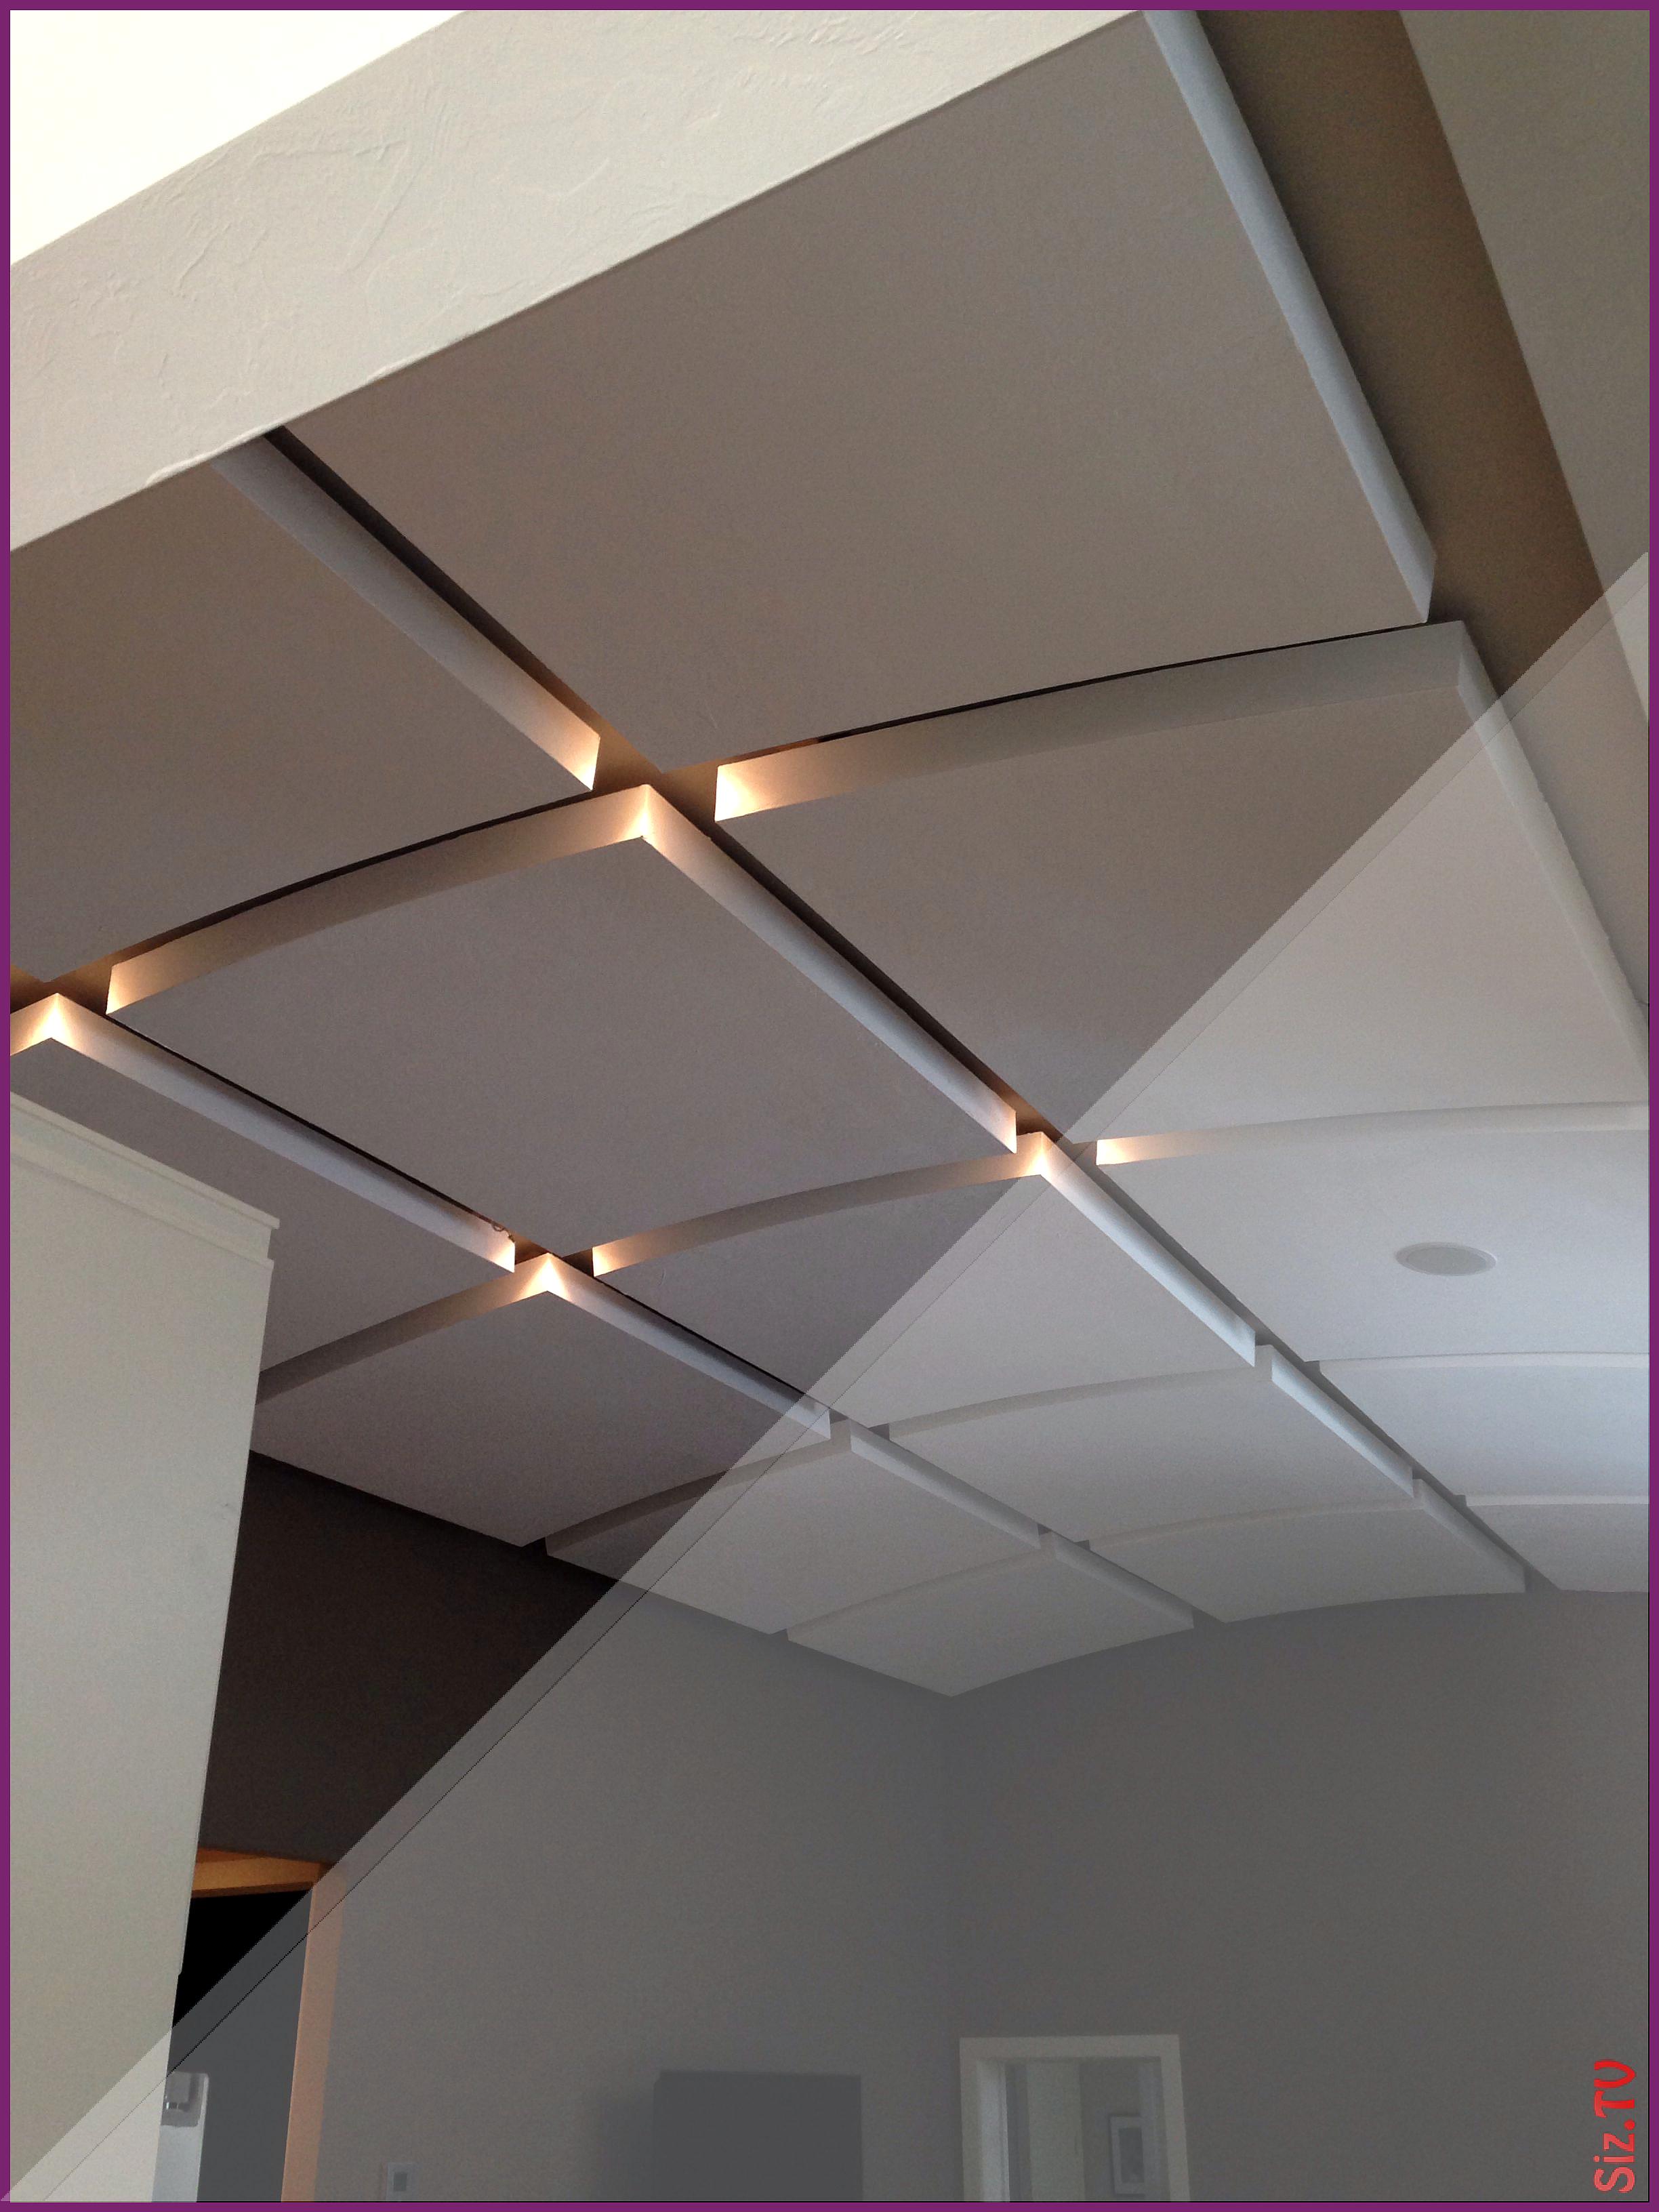 Best 12 Inconceivable Modern False Ceiling Master Bedrooms 640 x 480